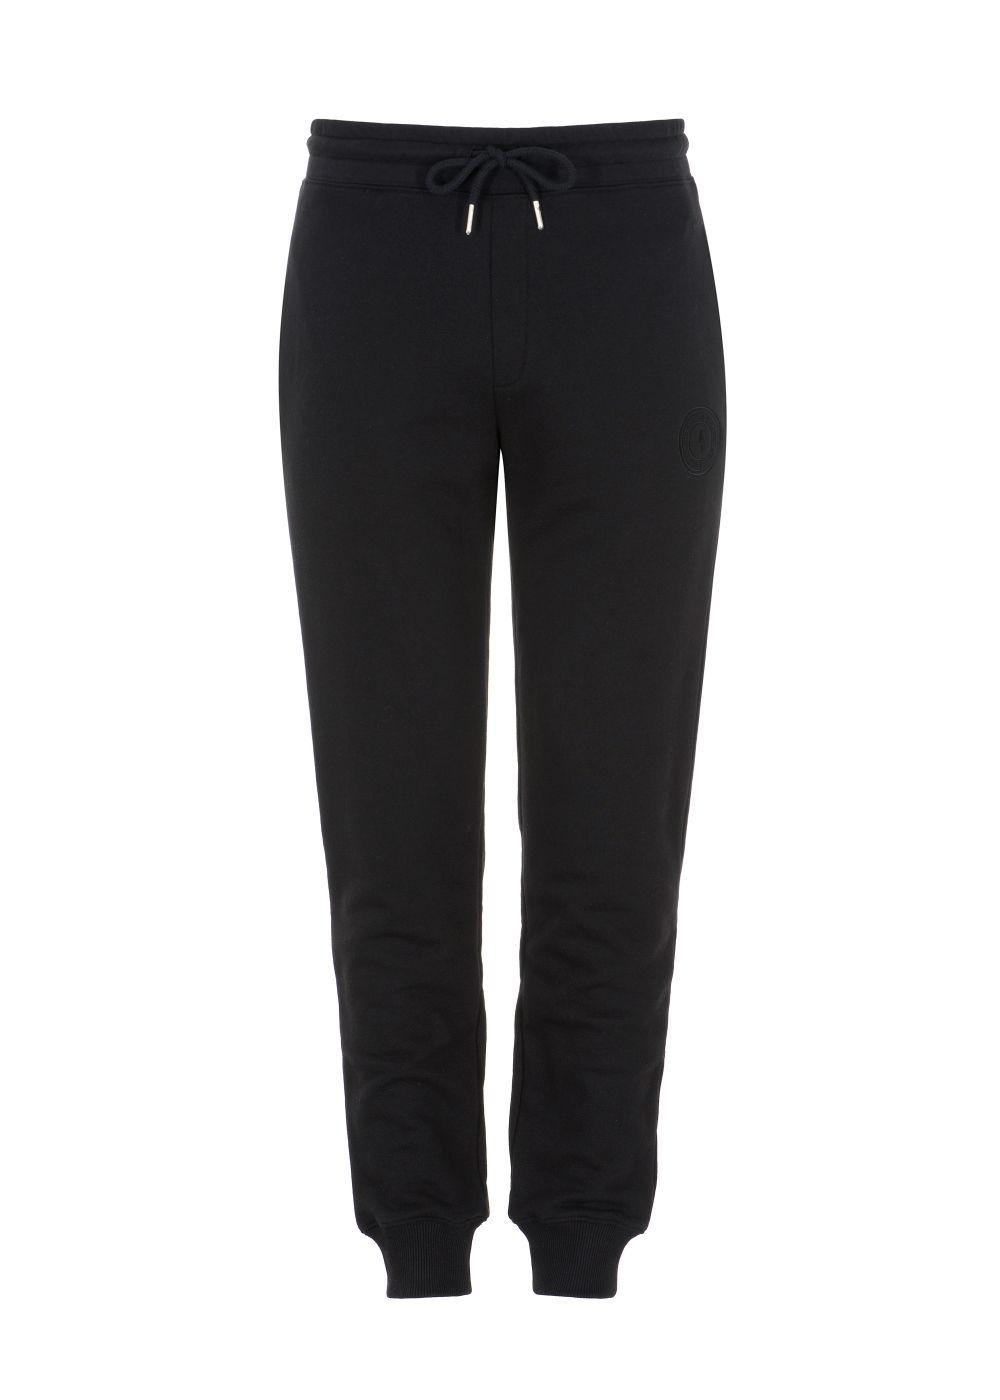 Spodnie męskie SPOMT-0067-99(W21)